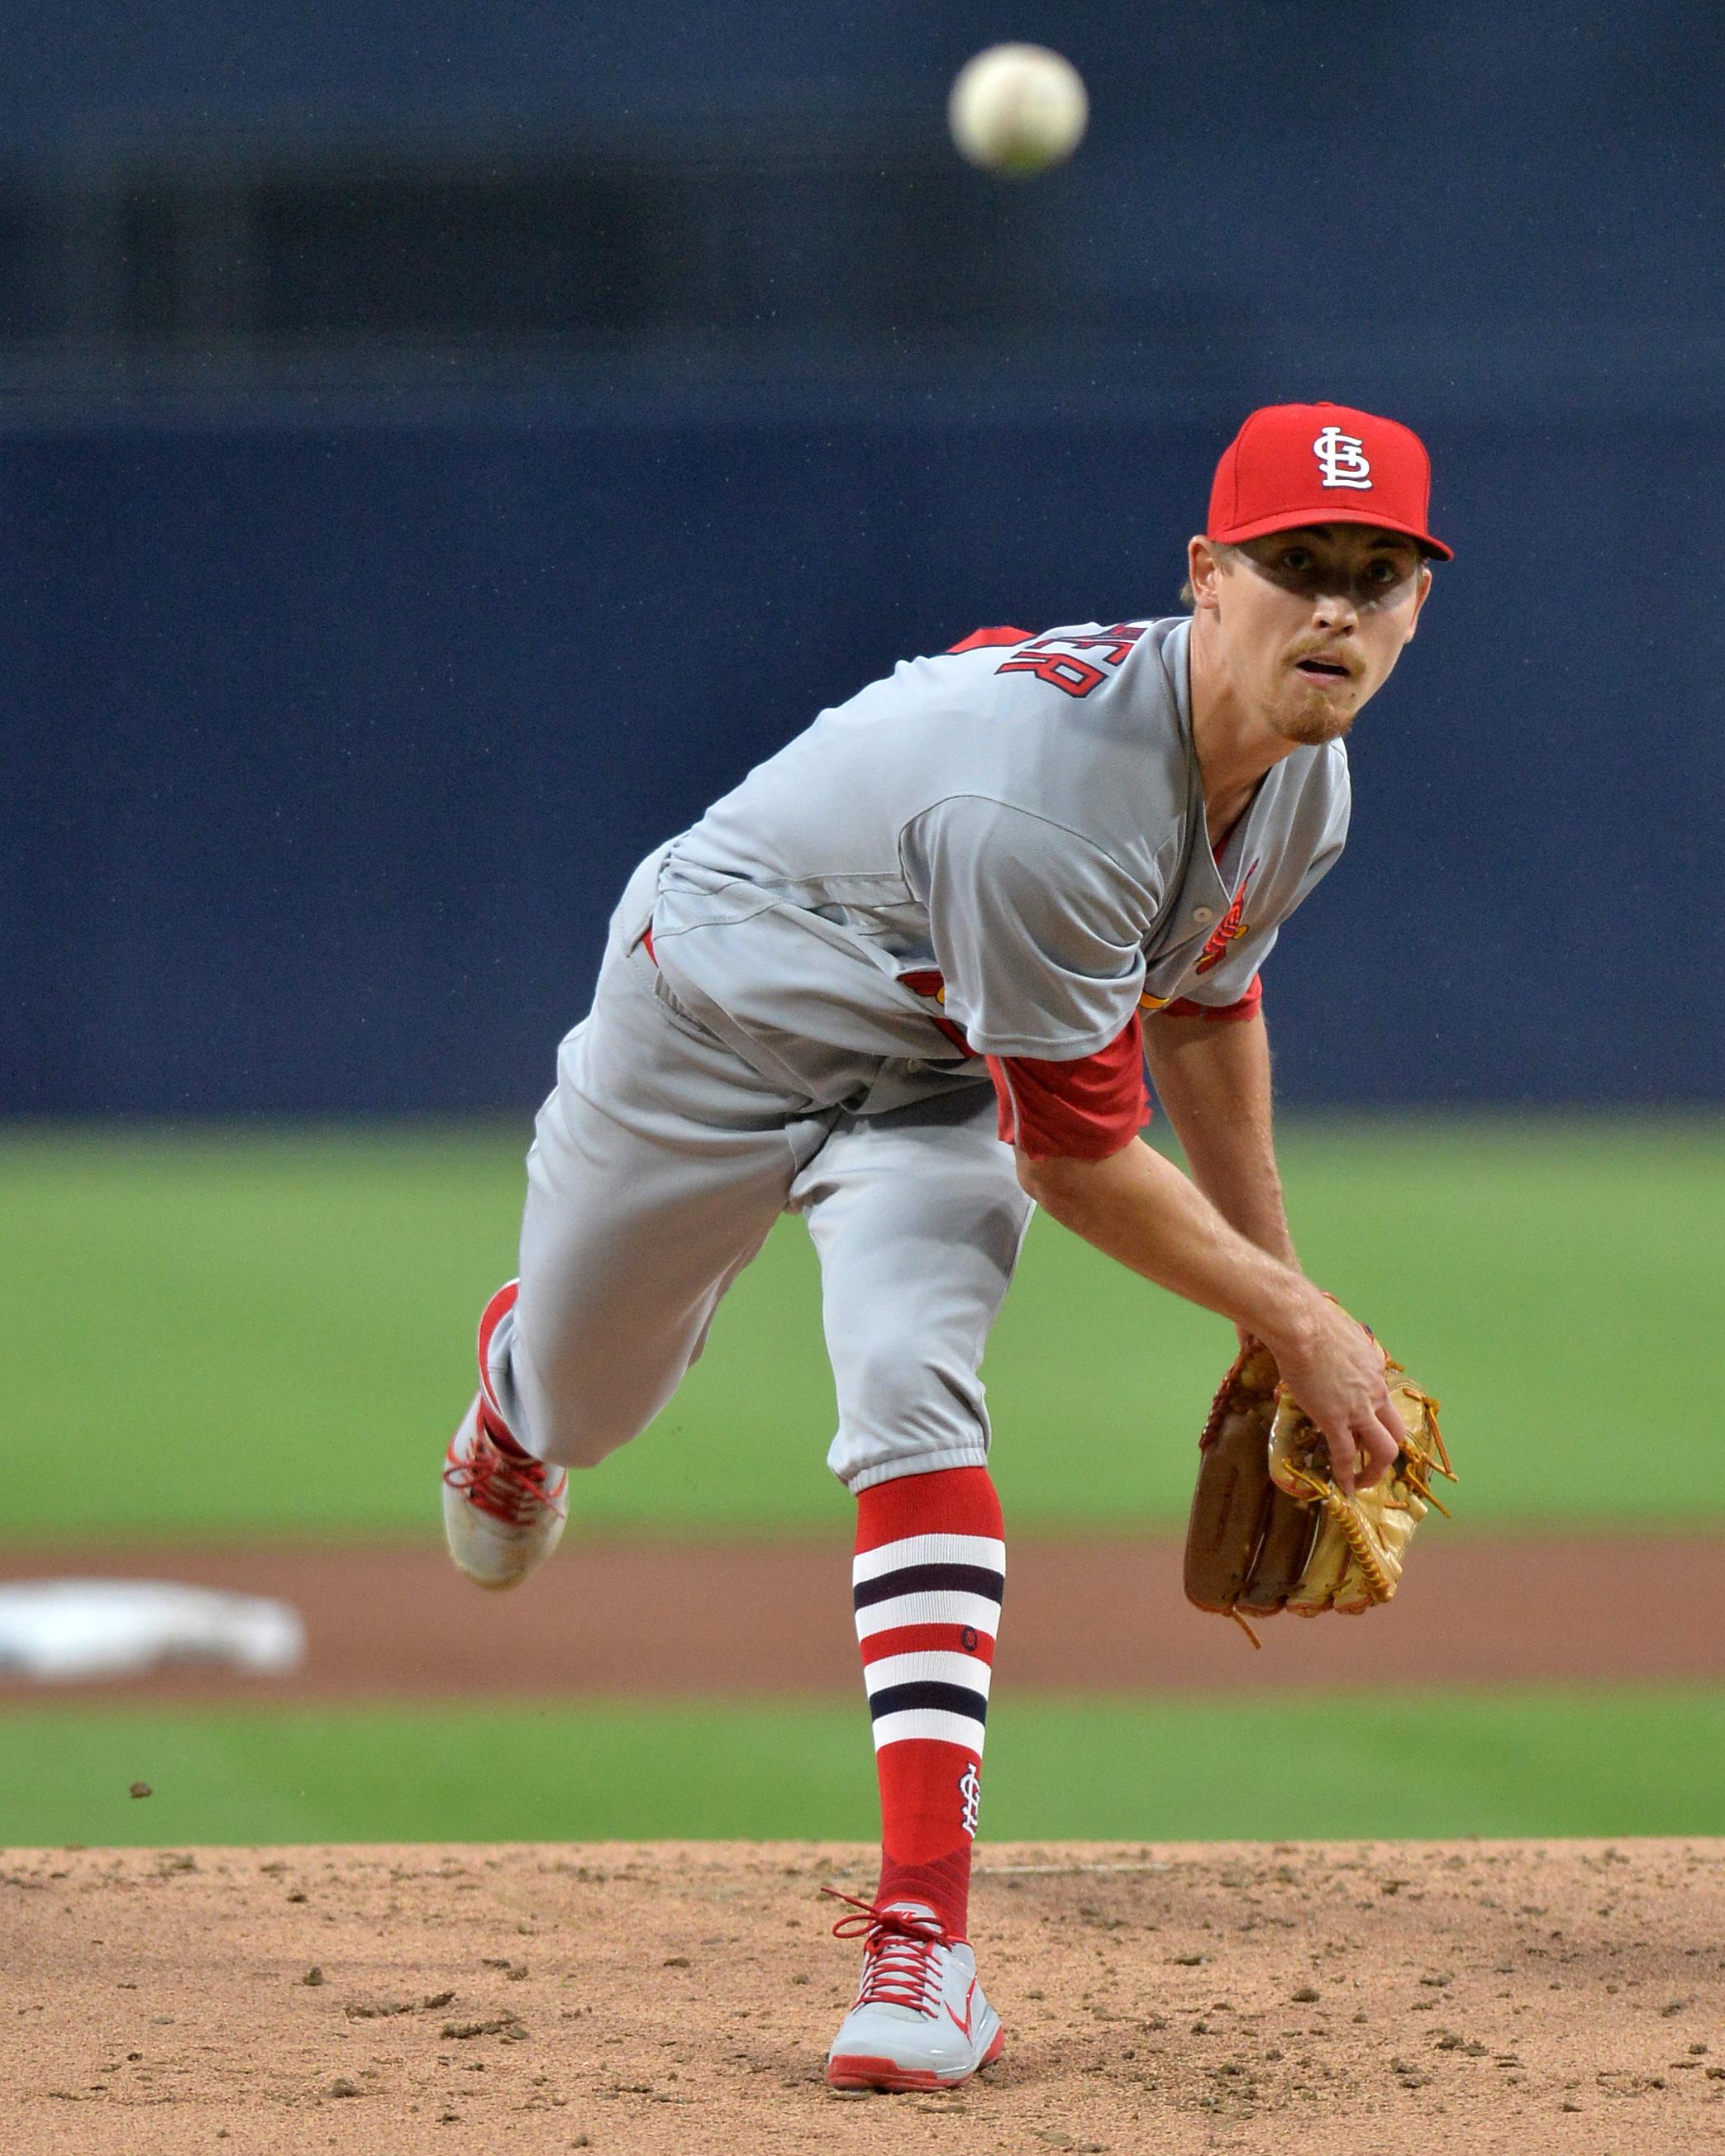 cdb1917fde2 Diamondbacks Trade Paul Goldschimdt To Cardinals - MLB Trade Rumors